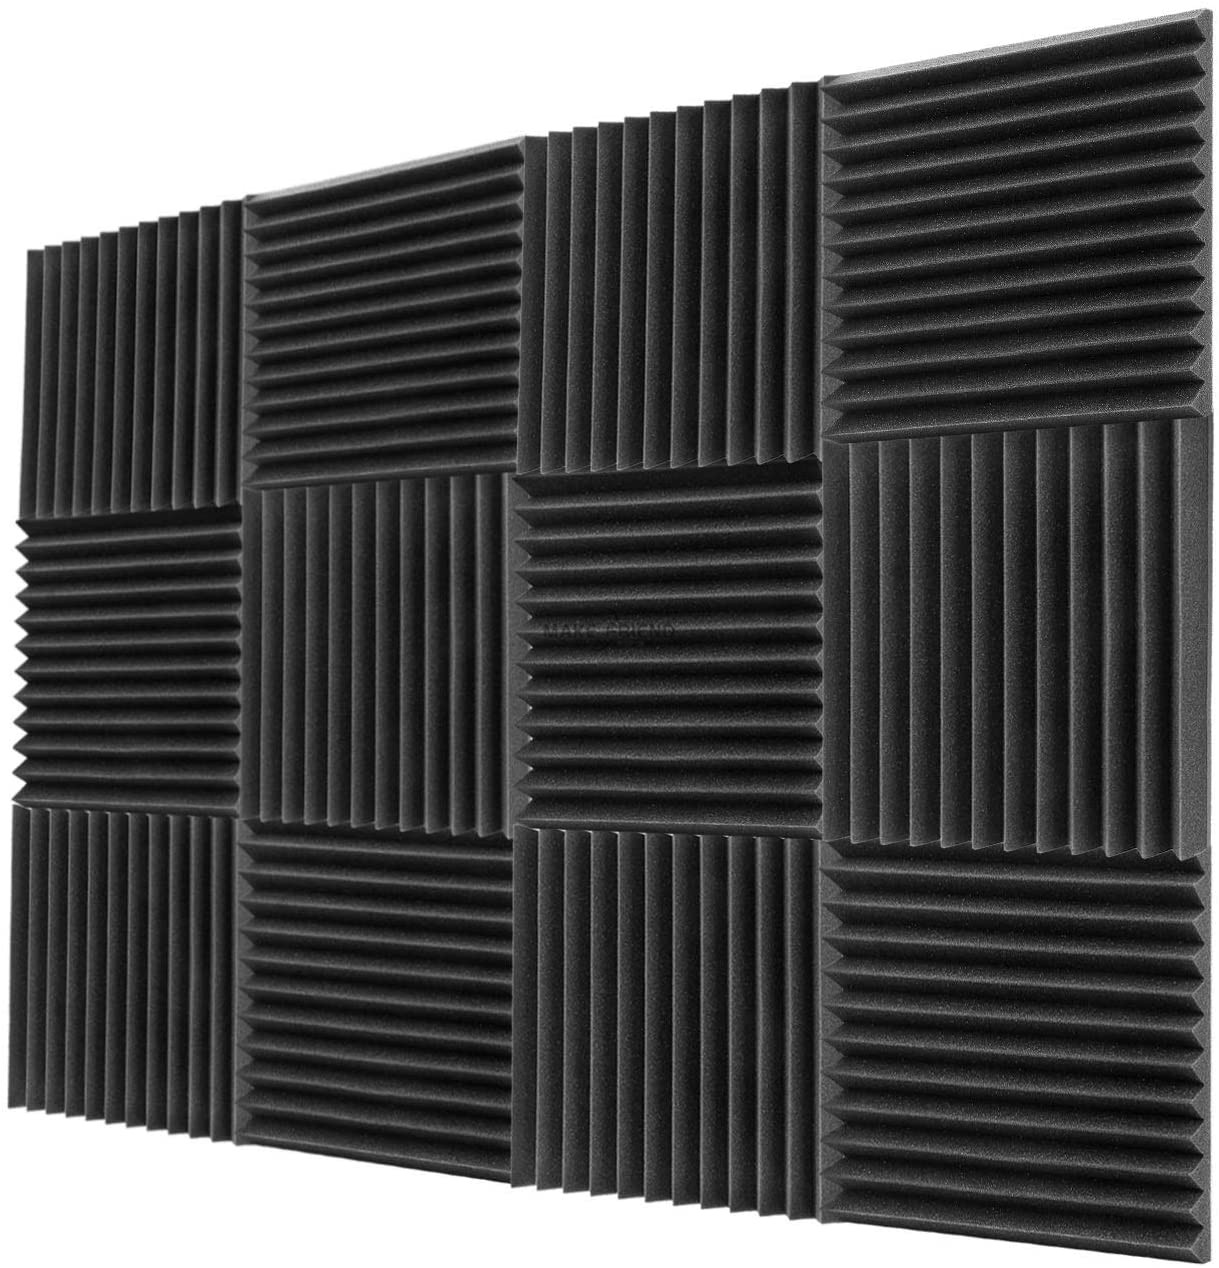 Painéis de parede à prova de som da prova de som das cunhas do estúdio da isolação sadia da espuma acústica de 12 pces 300x300x25mm para a barra de ktv